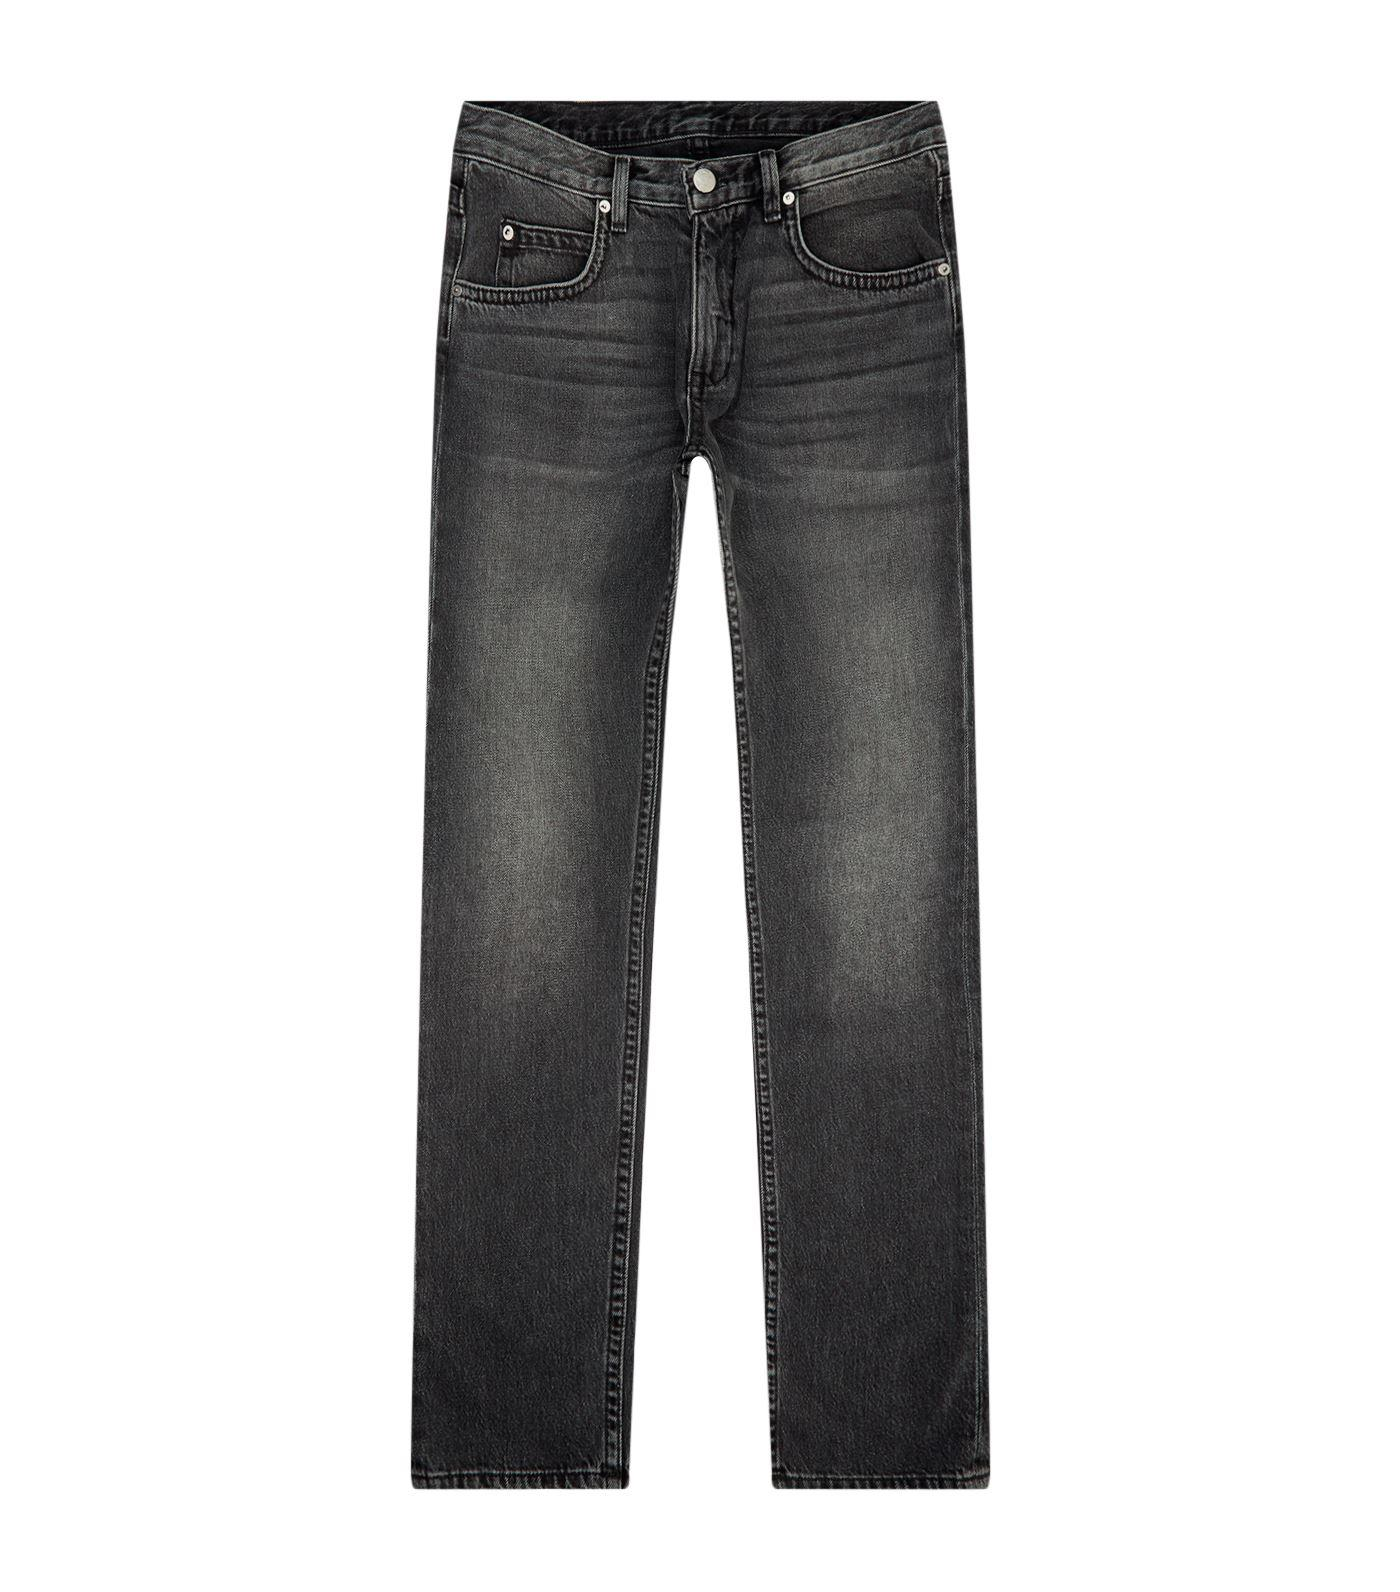 Helmut Lang Mr.87 Coal Wash Slim-fit Jeans In Black